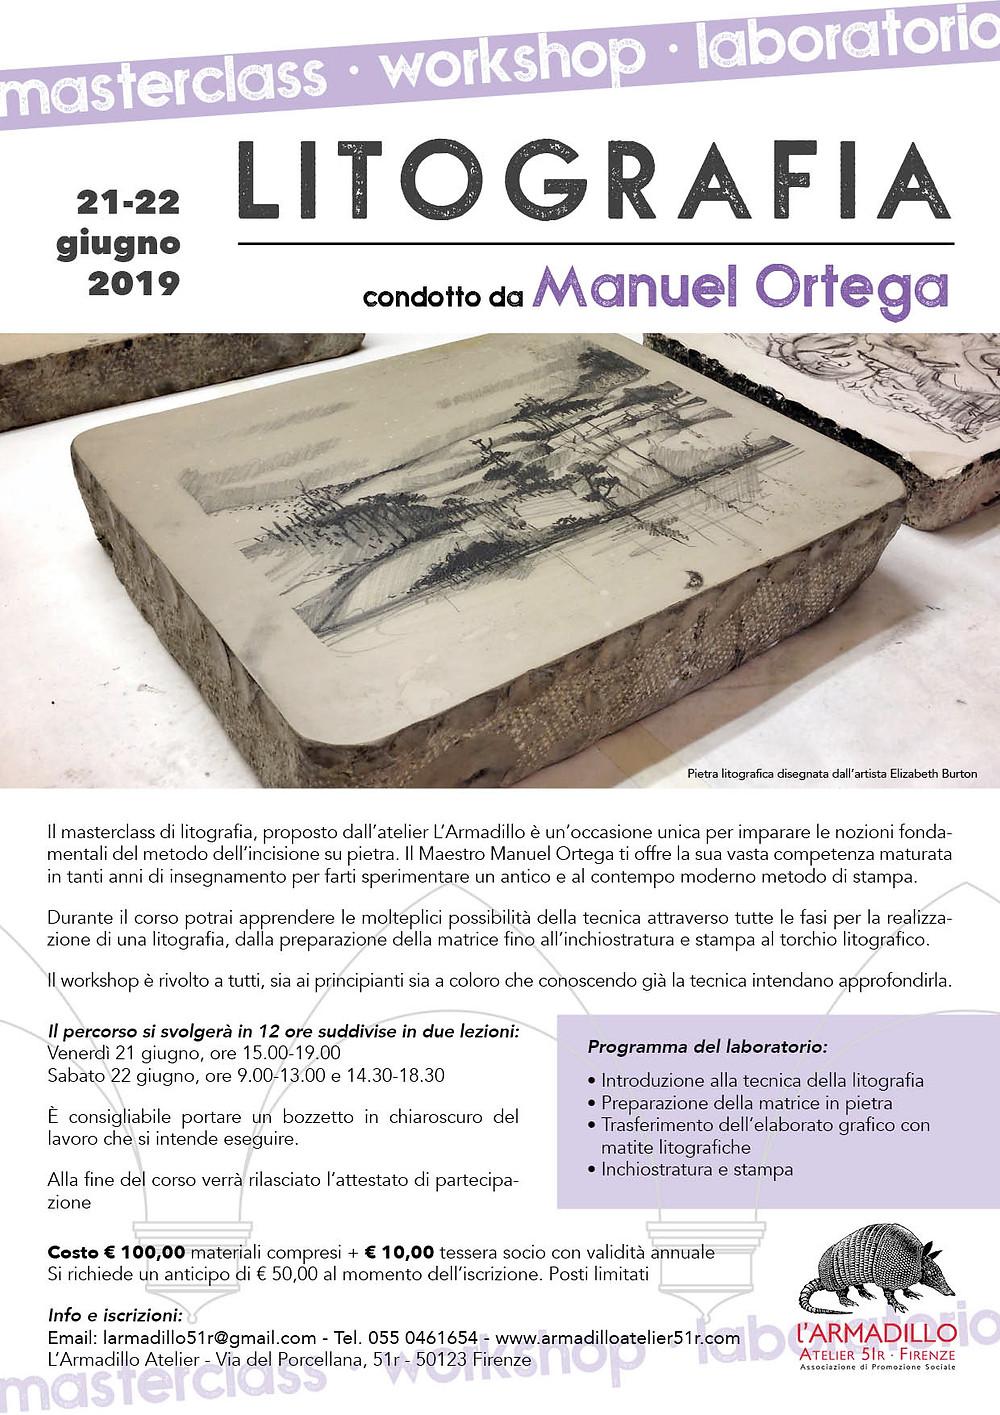 Masterclass di Litografia con Manuel Ortega